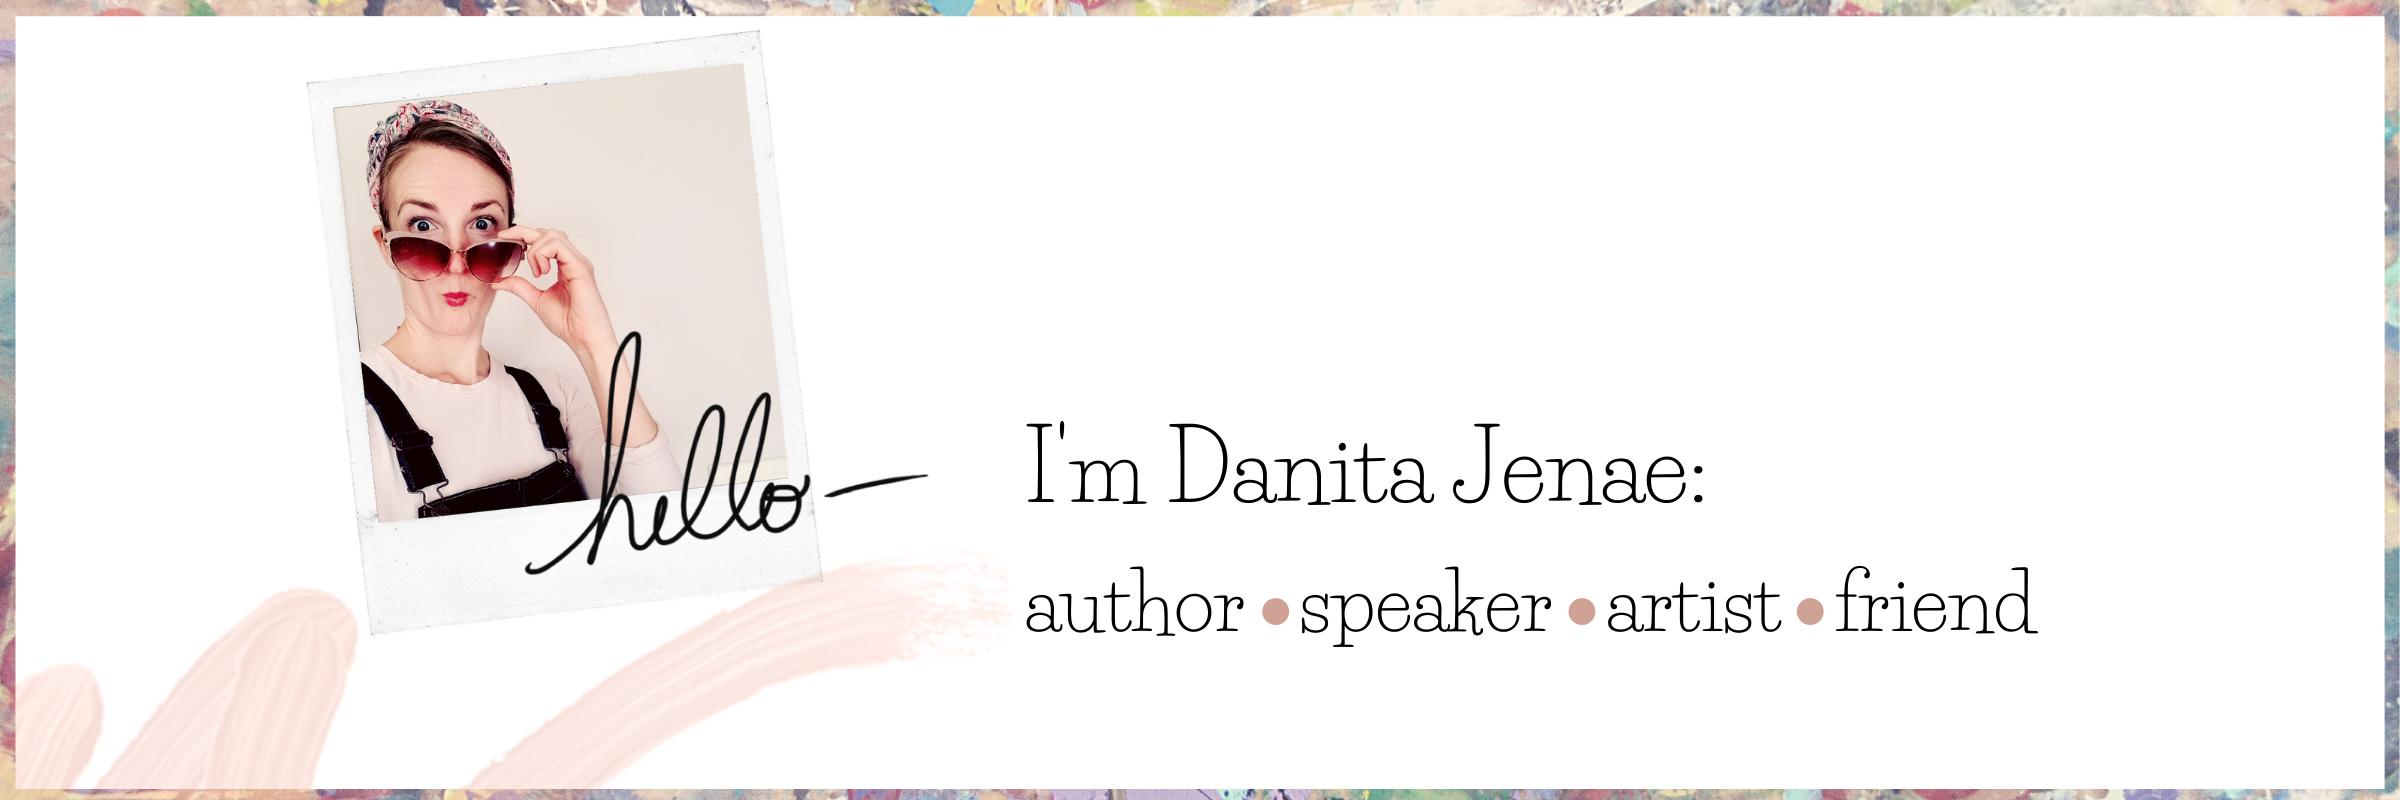 slider 1 author speaker artist friend